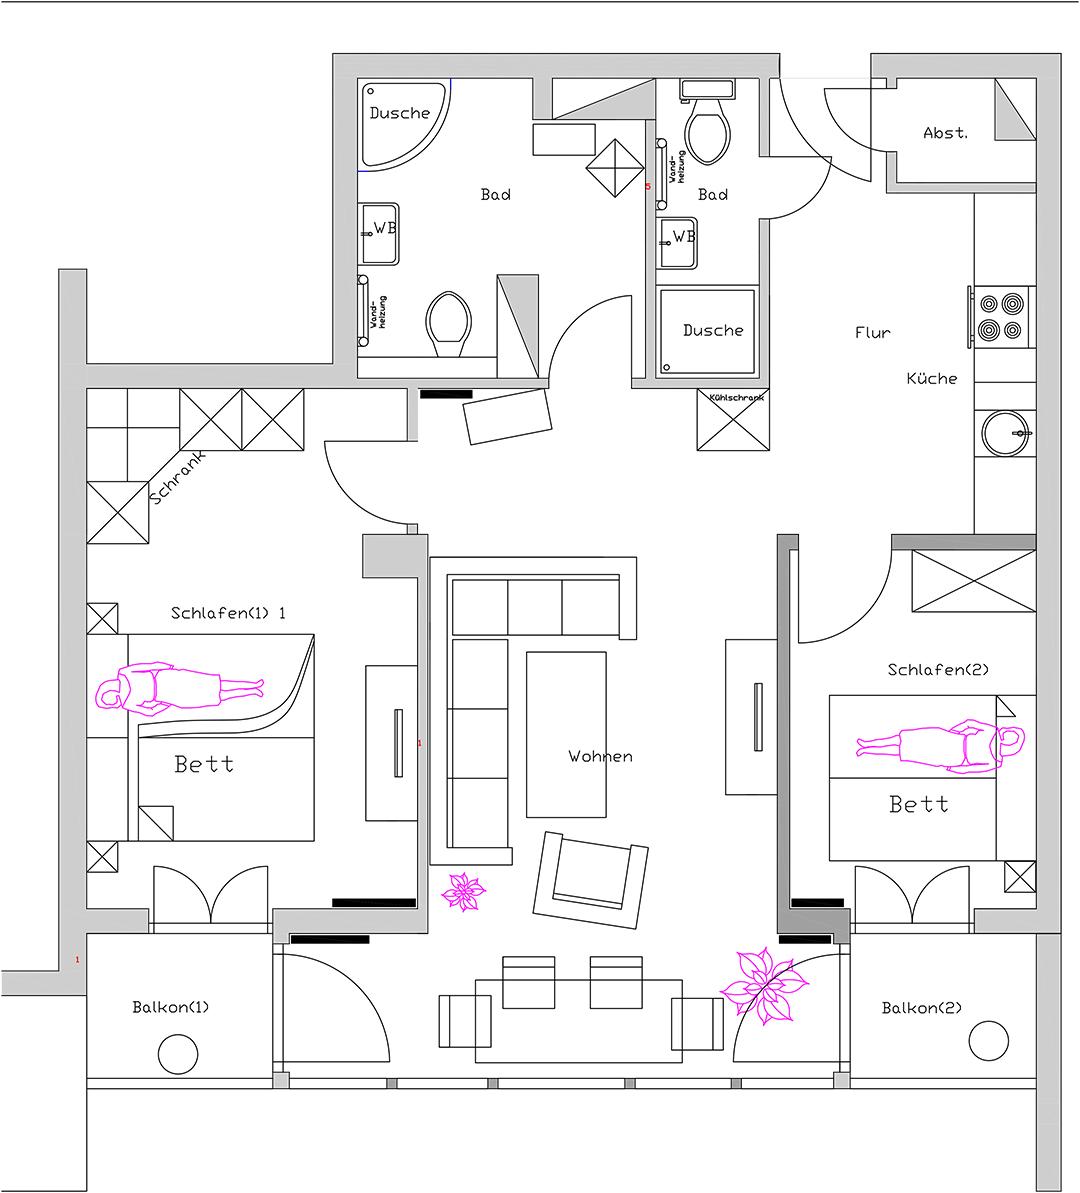 3 Zimmer Ferienwohnung In Ostseebad Kühlungsborn Bis 4 Personen